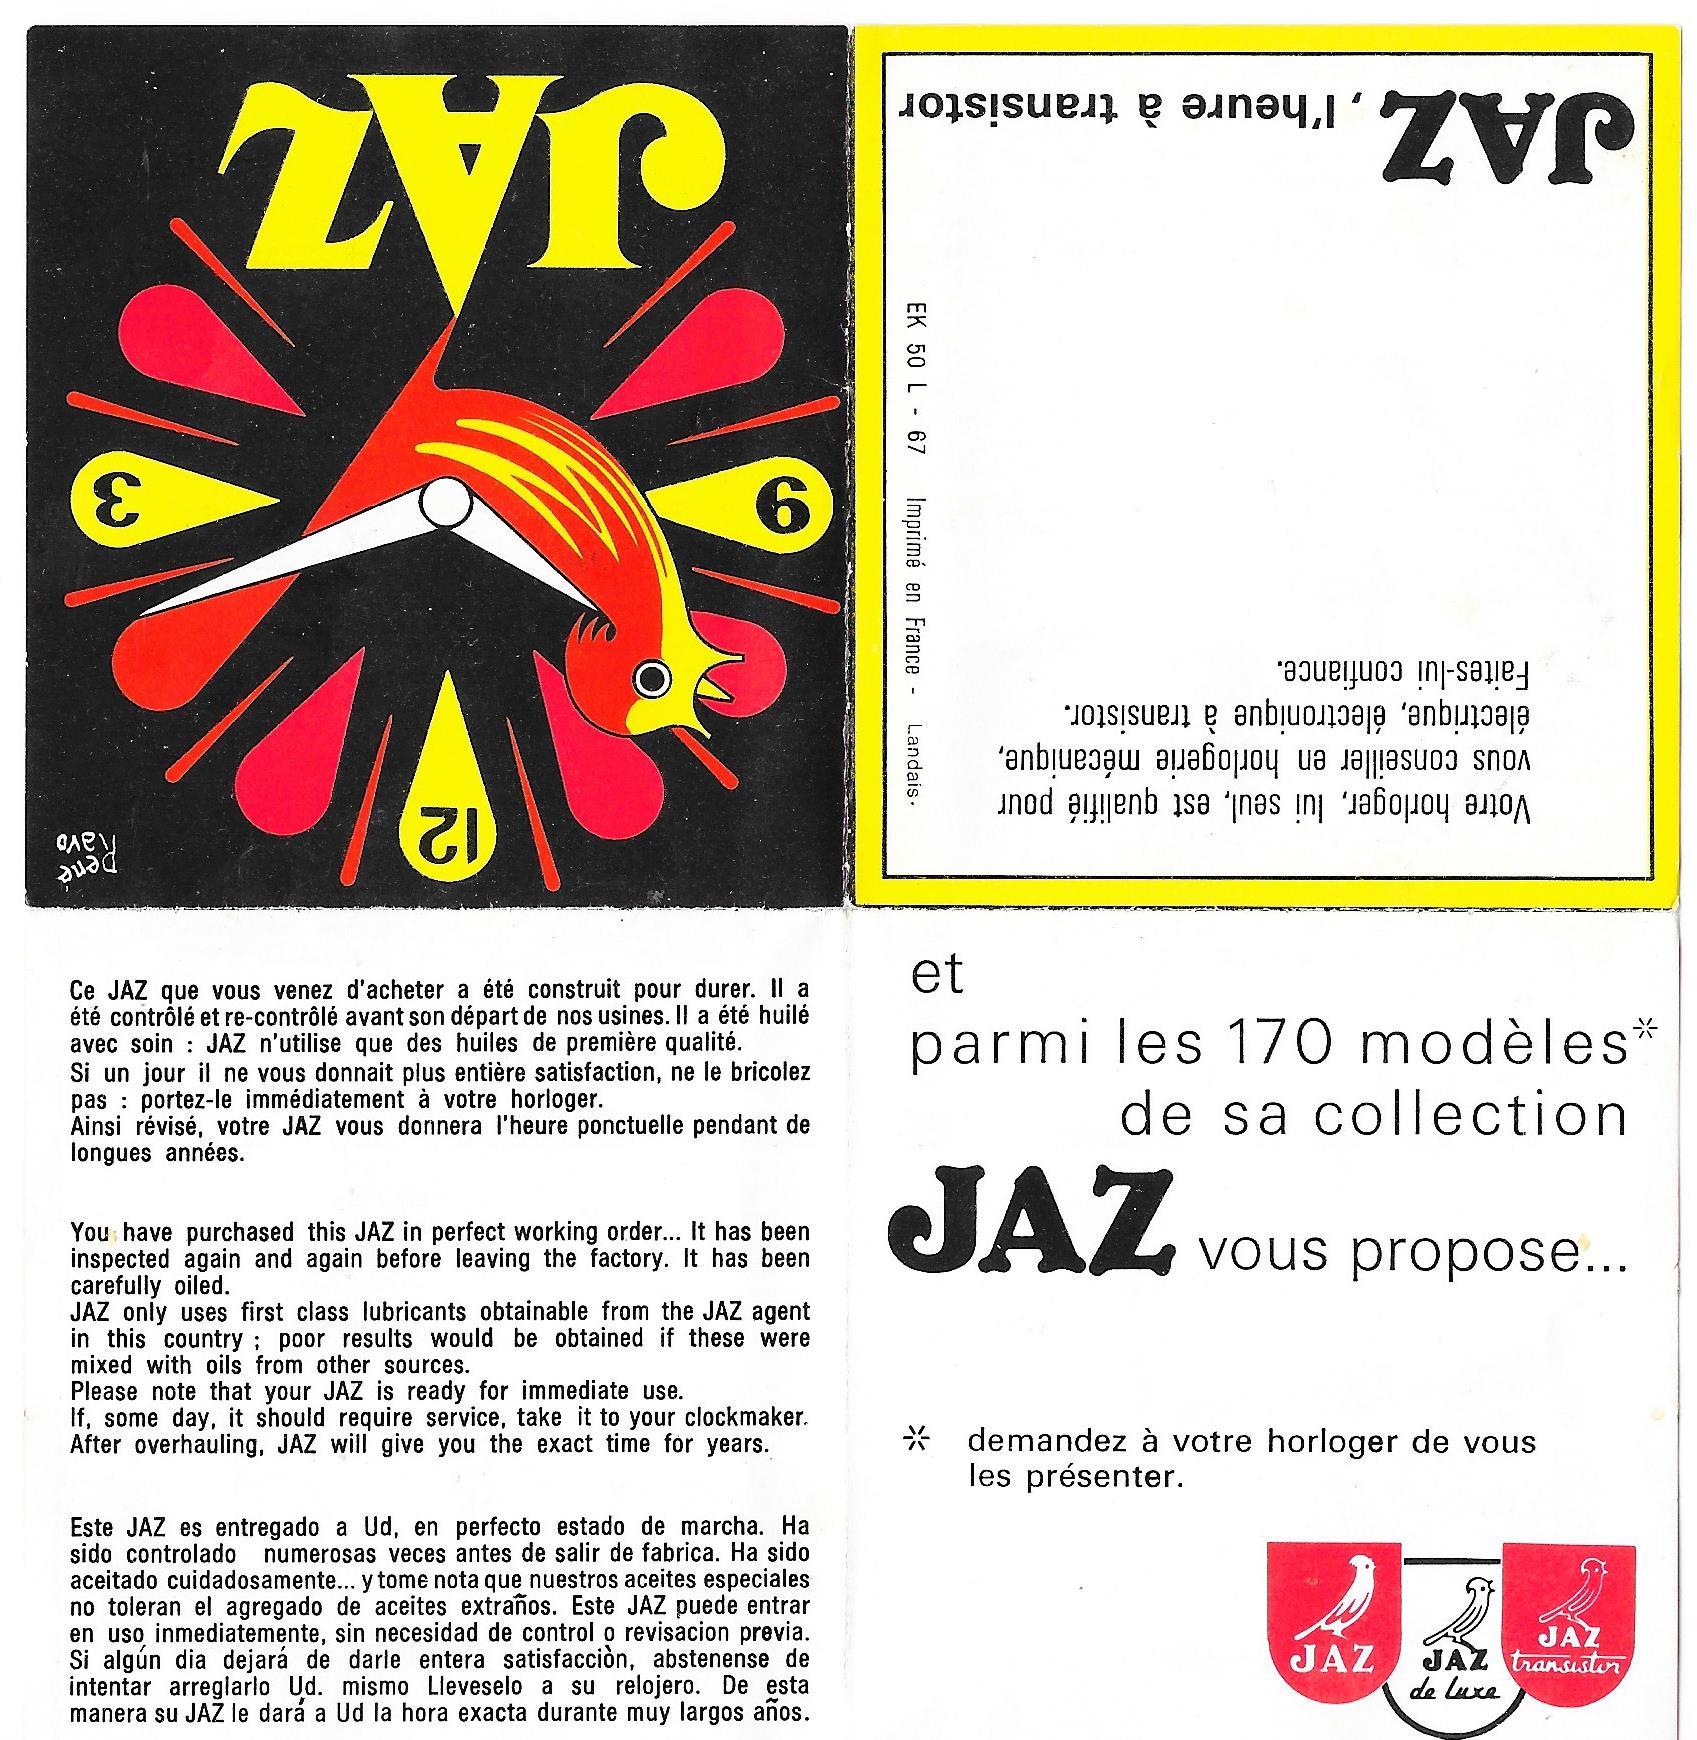 prospectus Dubric 20002